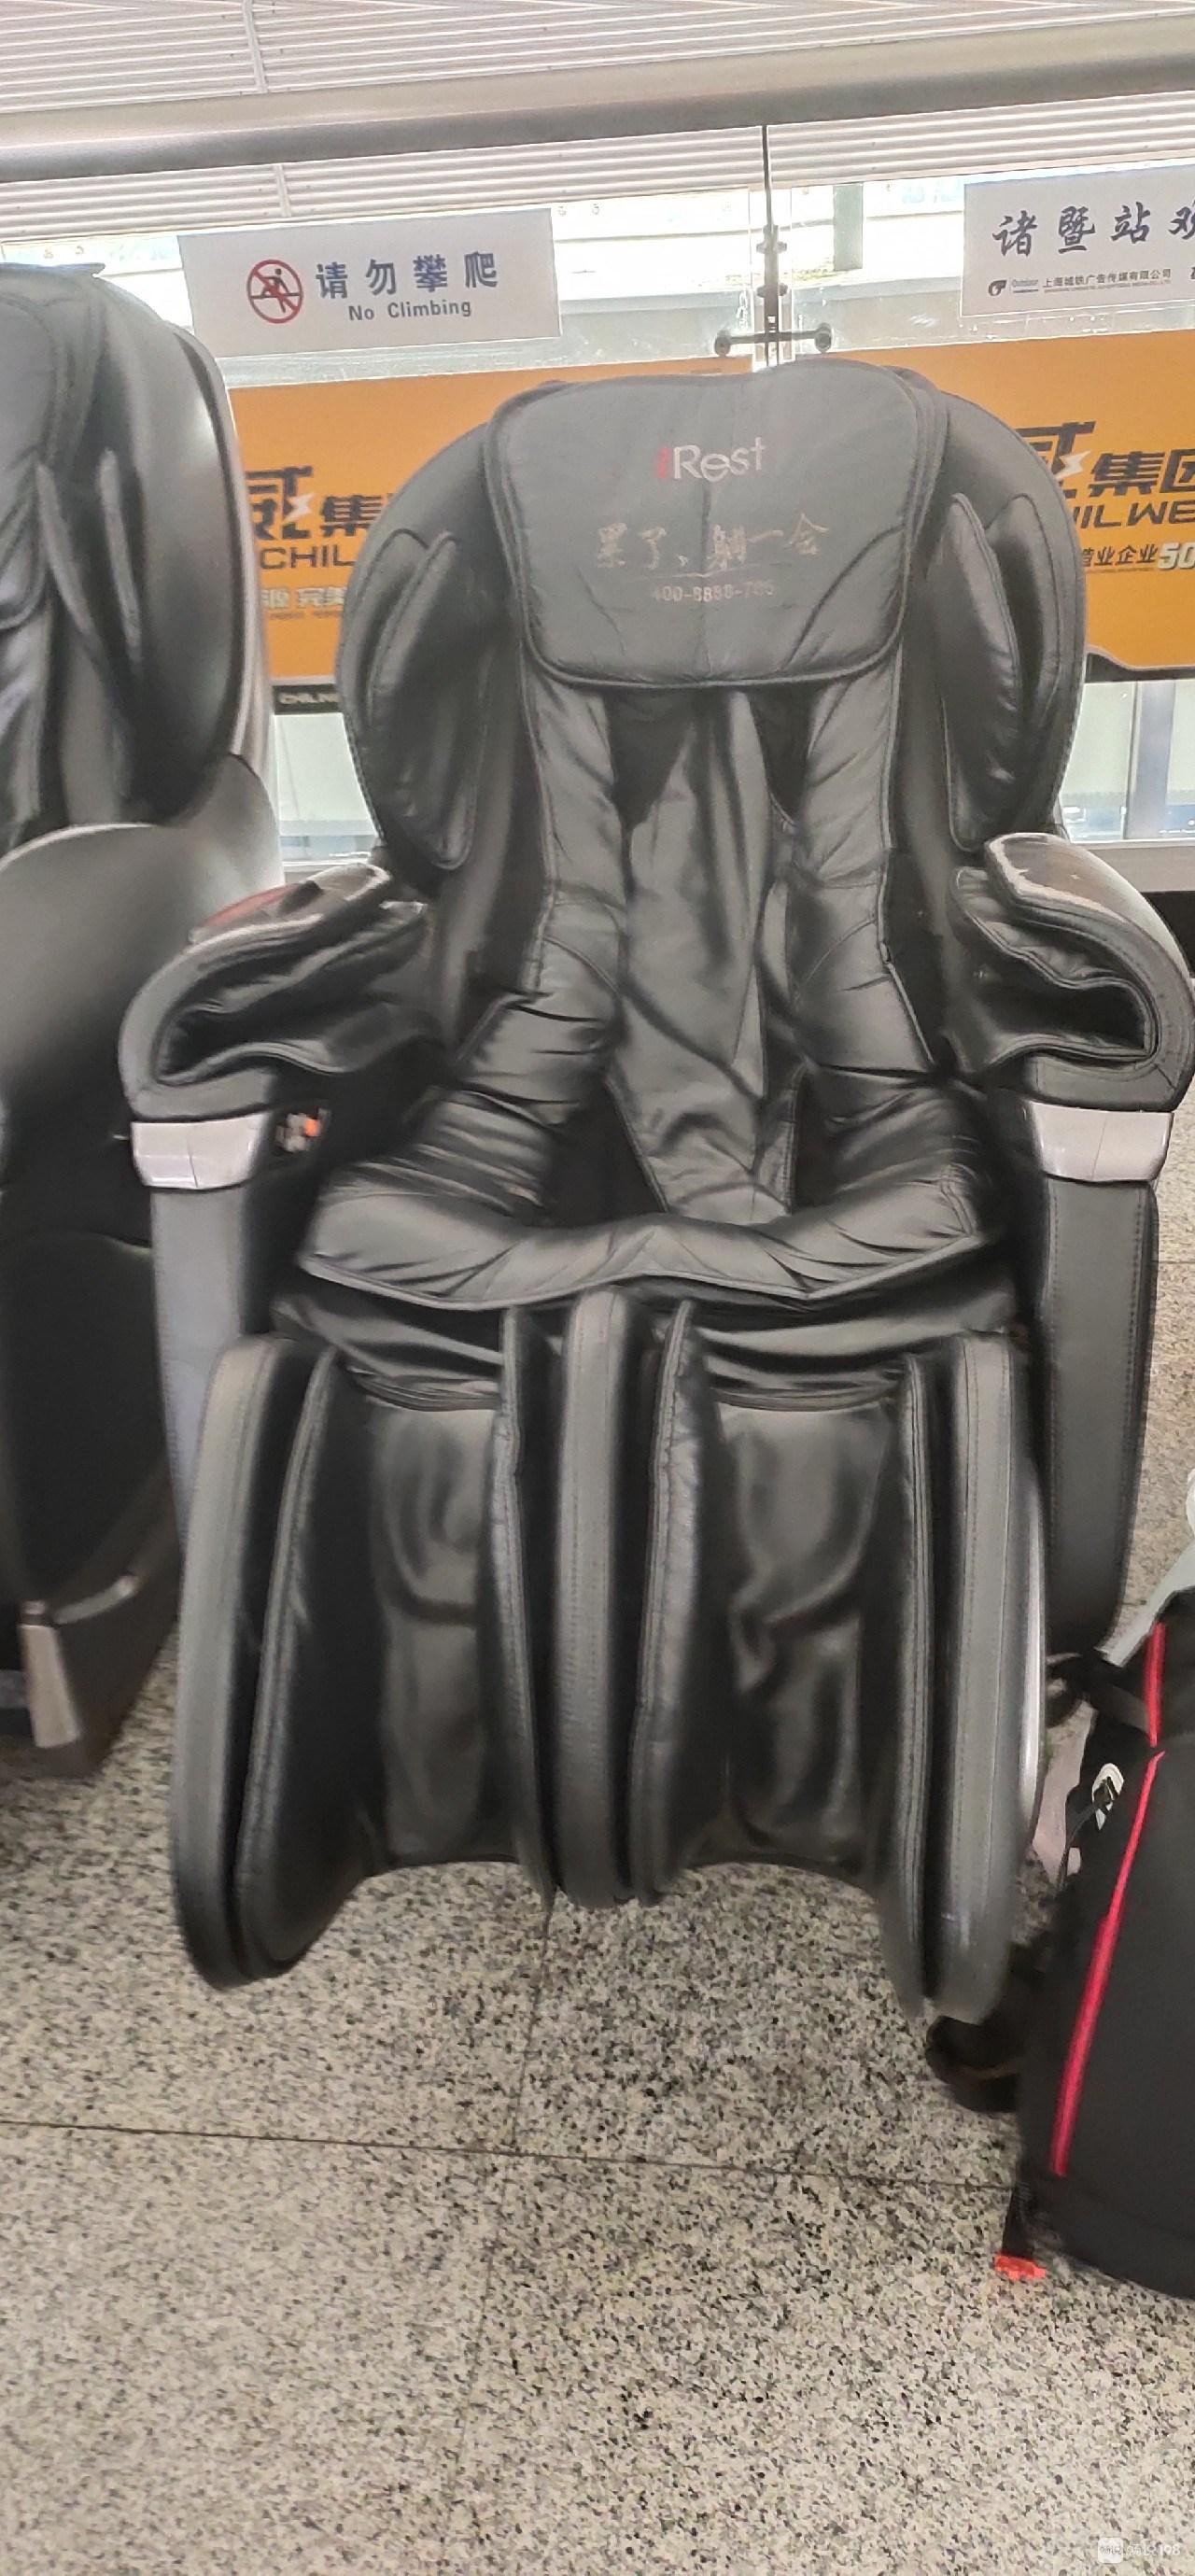 诸暨火车站里放着的按摩椅扫码付钱了坏了用不了